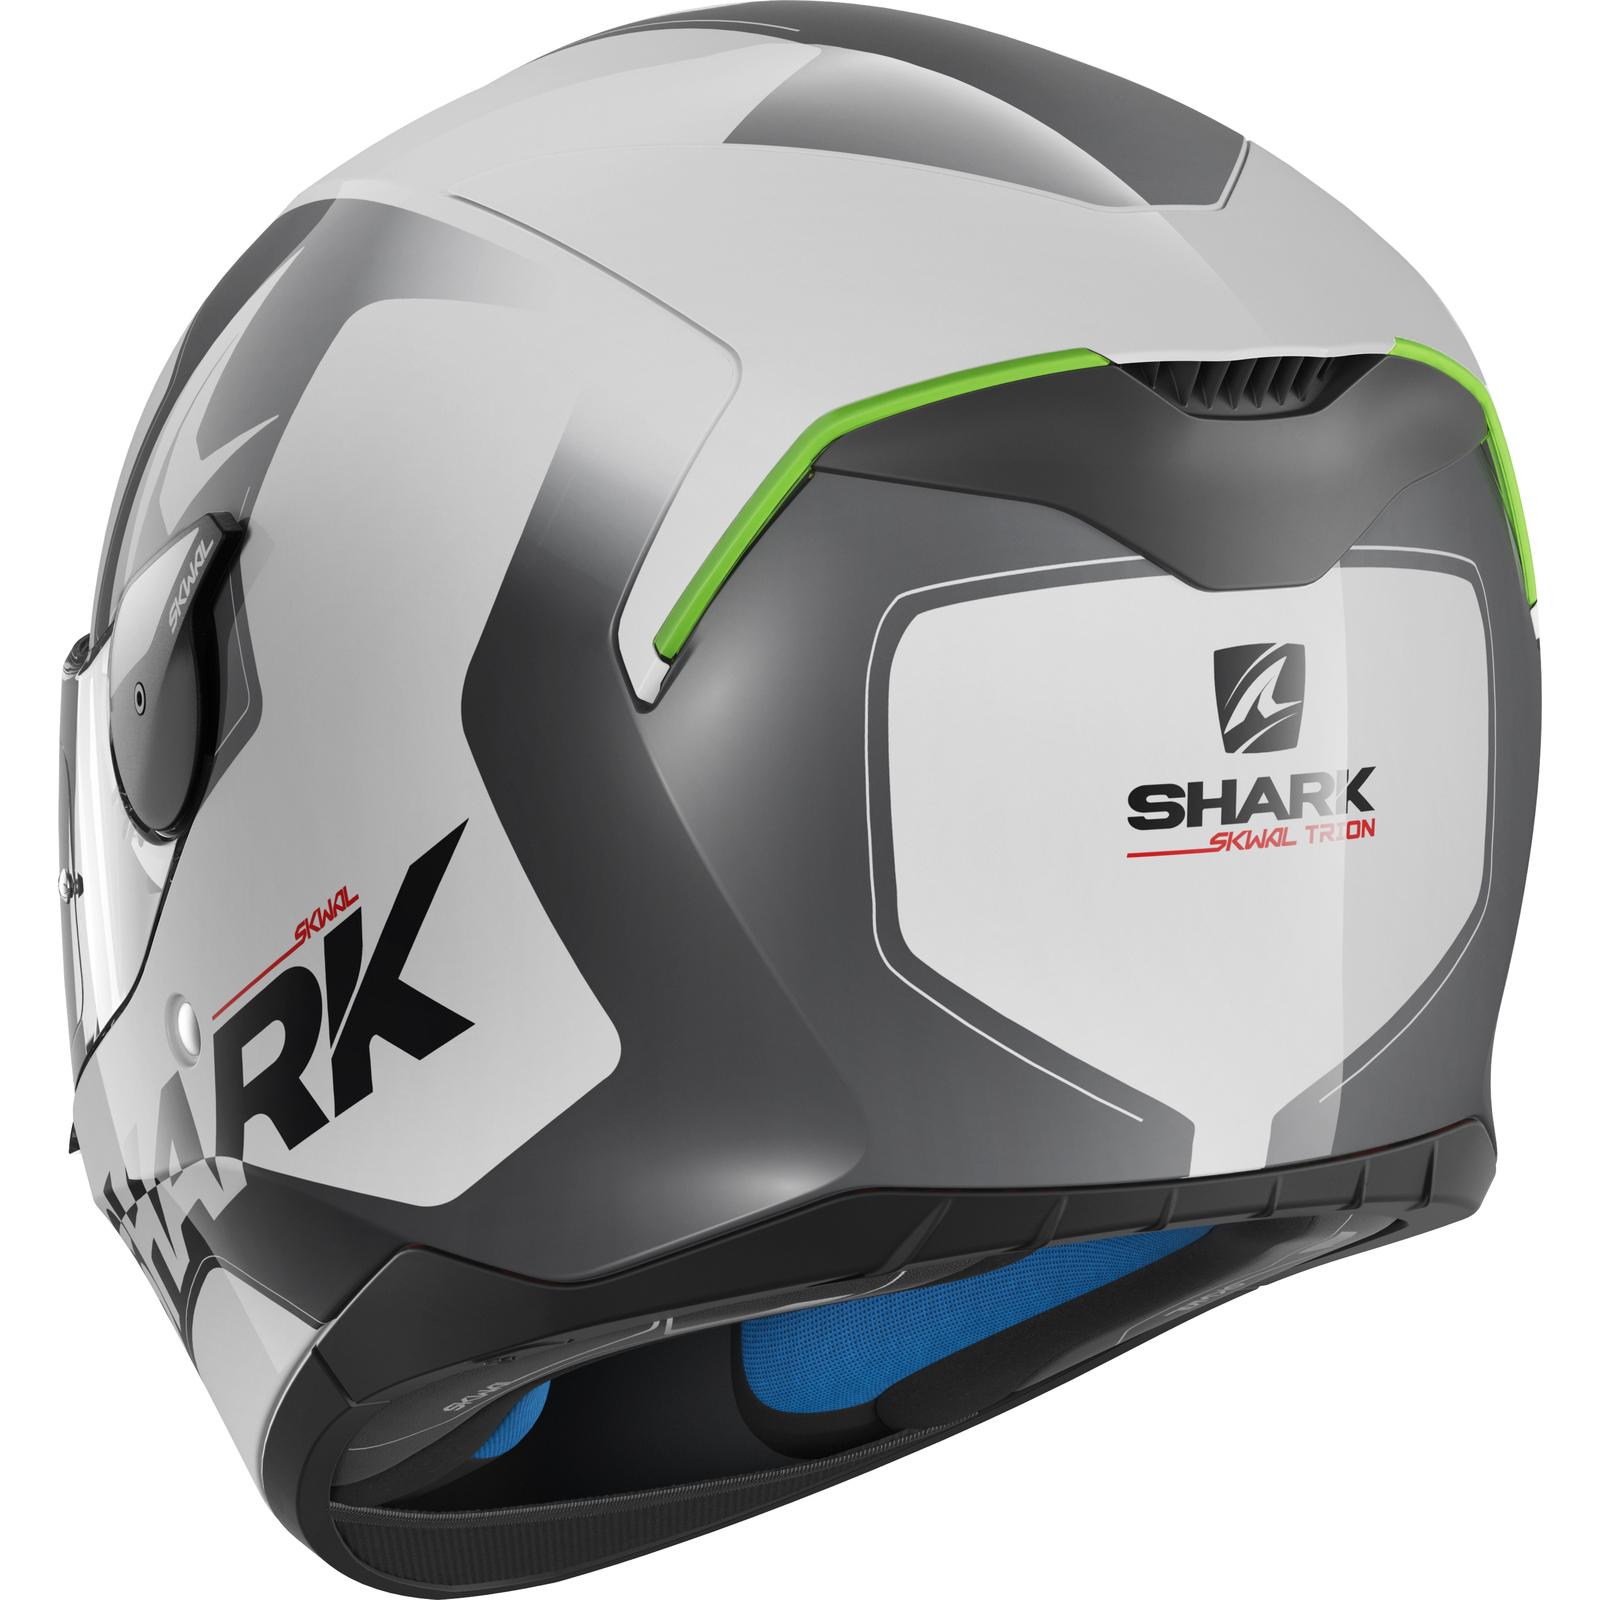 shark skwal trion motorcycle helmet led full face bike crash internal sun visor ebay. Black Bedroom Furniture Sets. Home Design Ideas